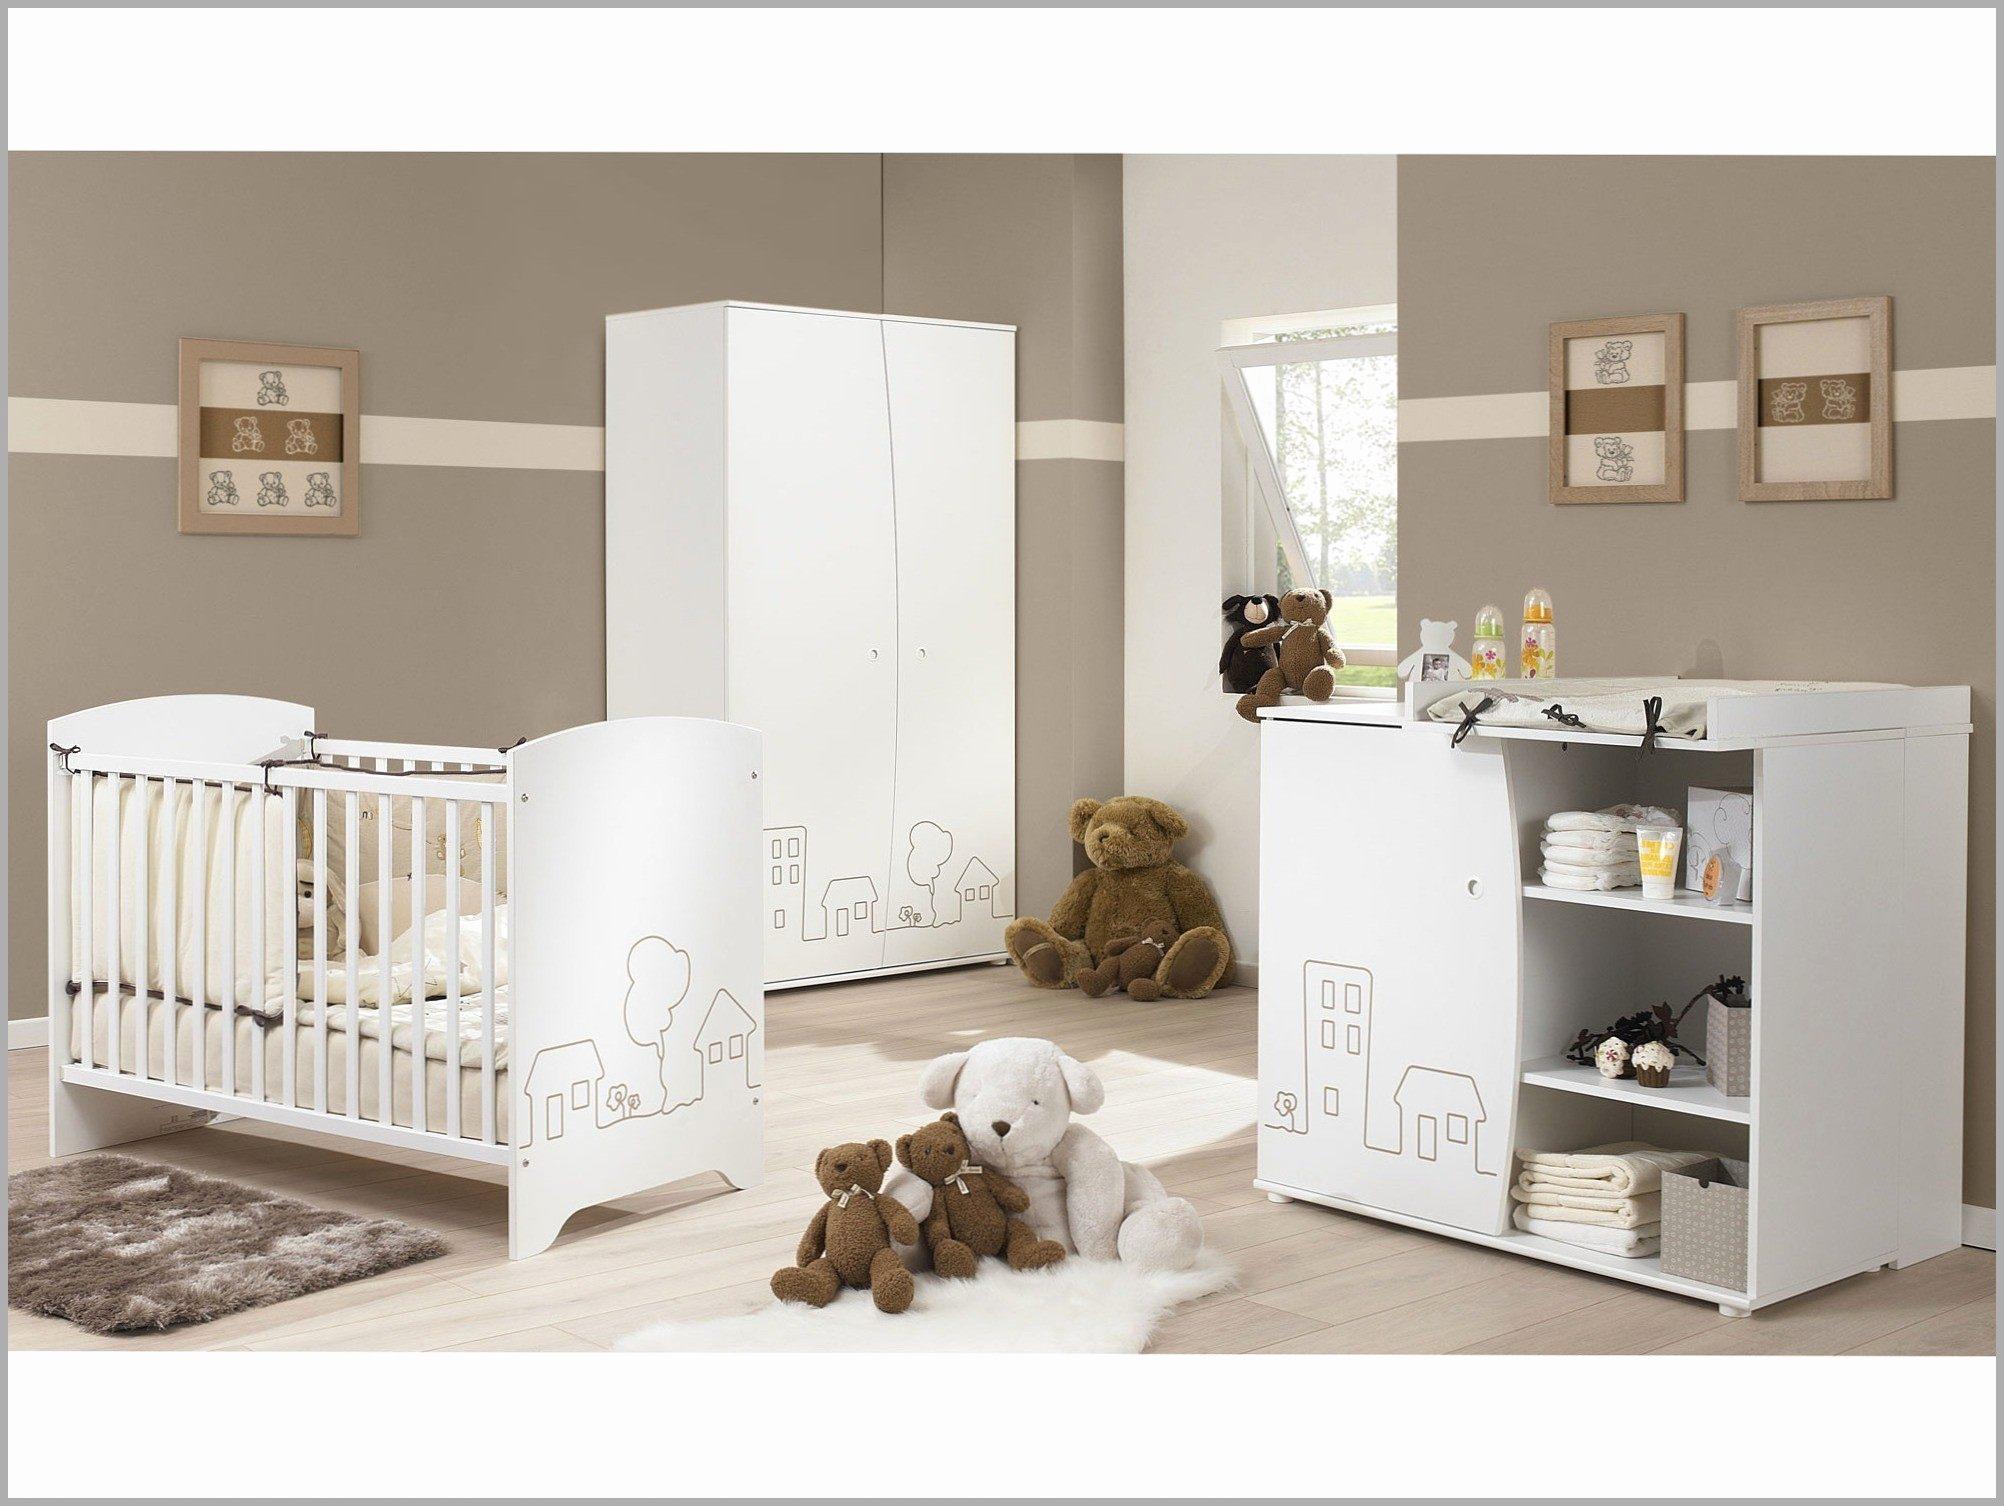 Chambre Bebe Complete Avec Lit Evolutif Nouveau Fantastique Chambre Enfant Fille Plete Et Chambre Bb Fille Fresh